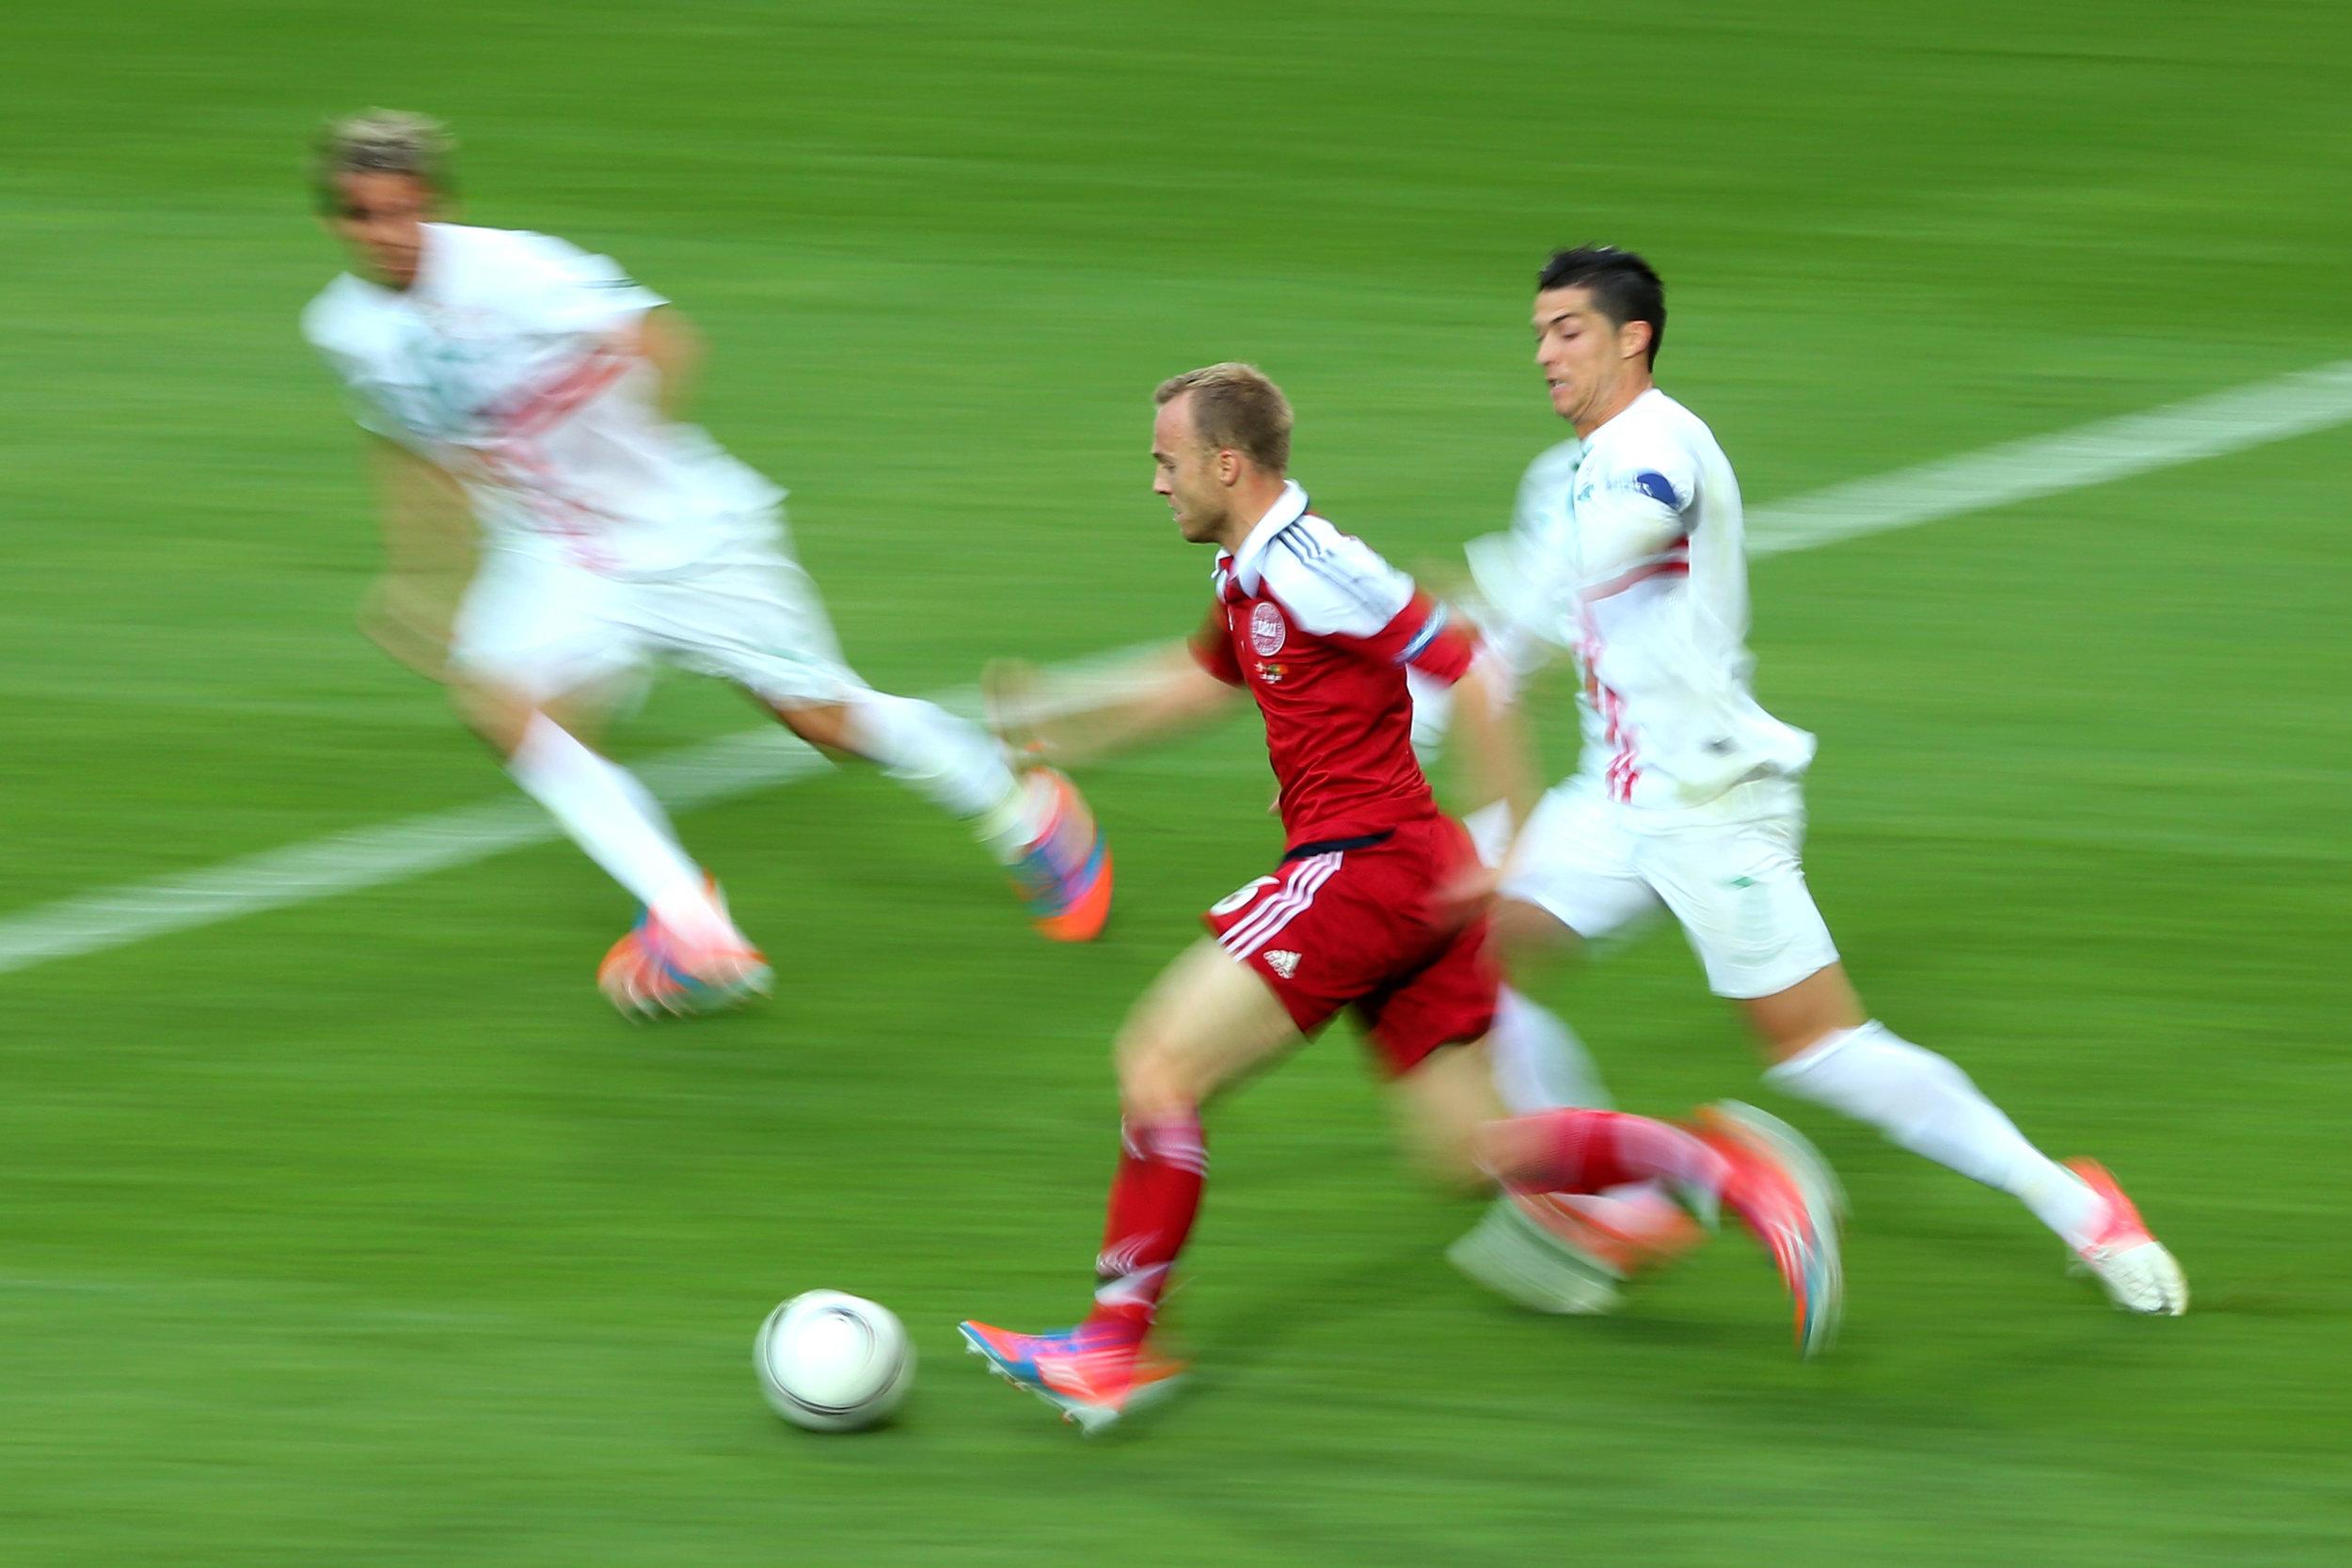 Fodboldspillere homoseksuel